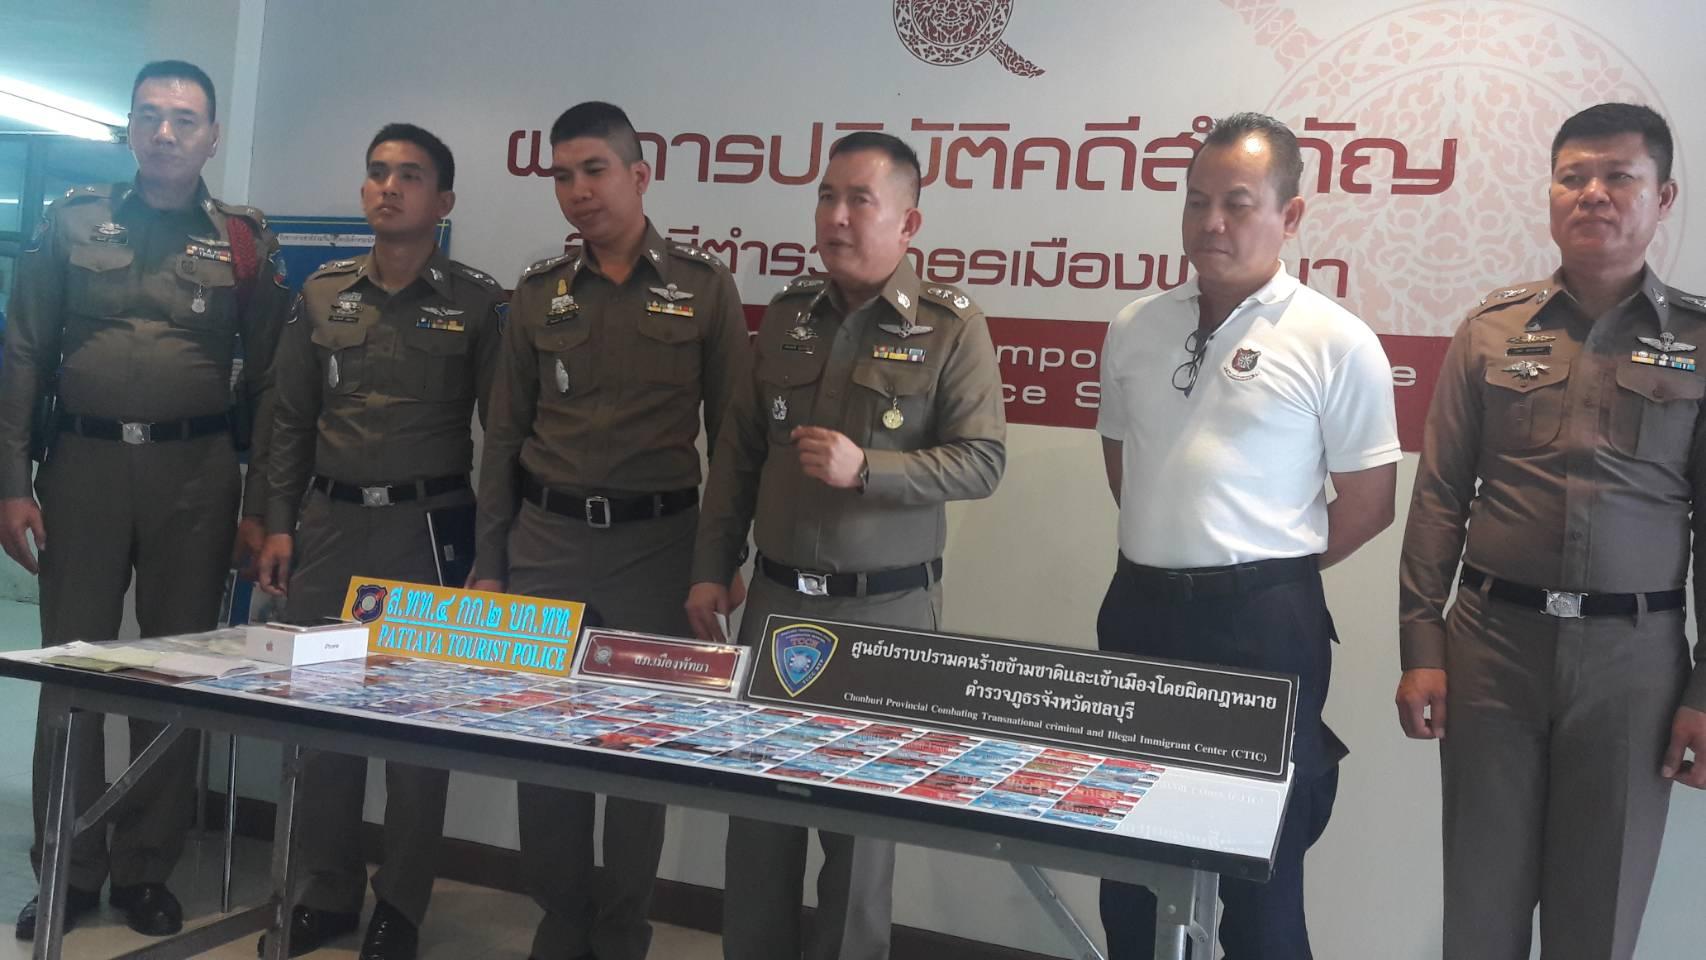 ศูนย์ปราบปรามคนร้ายข้ามชาติและเข้าเมืองโดยผิดกฎหมายตำรวจภูธรจังหวัดชลบุรี